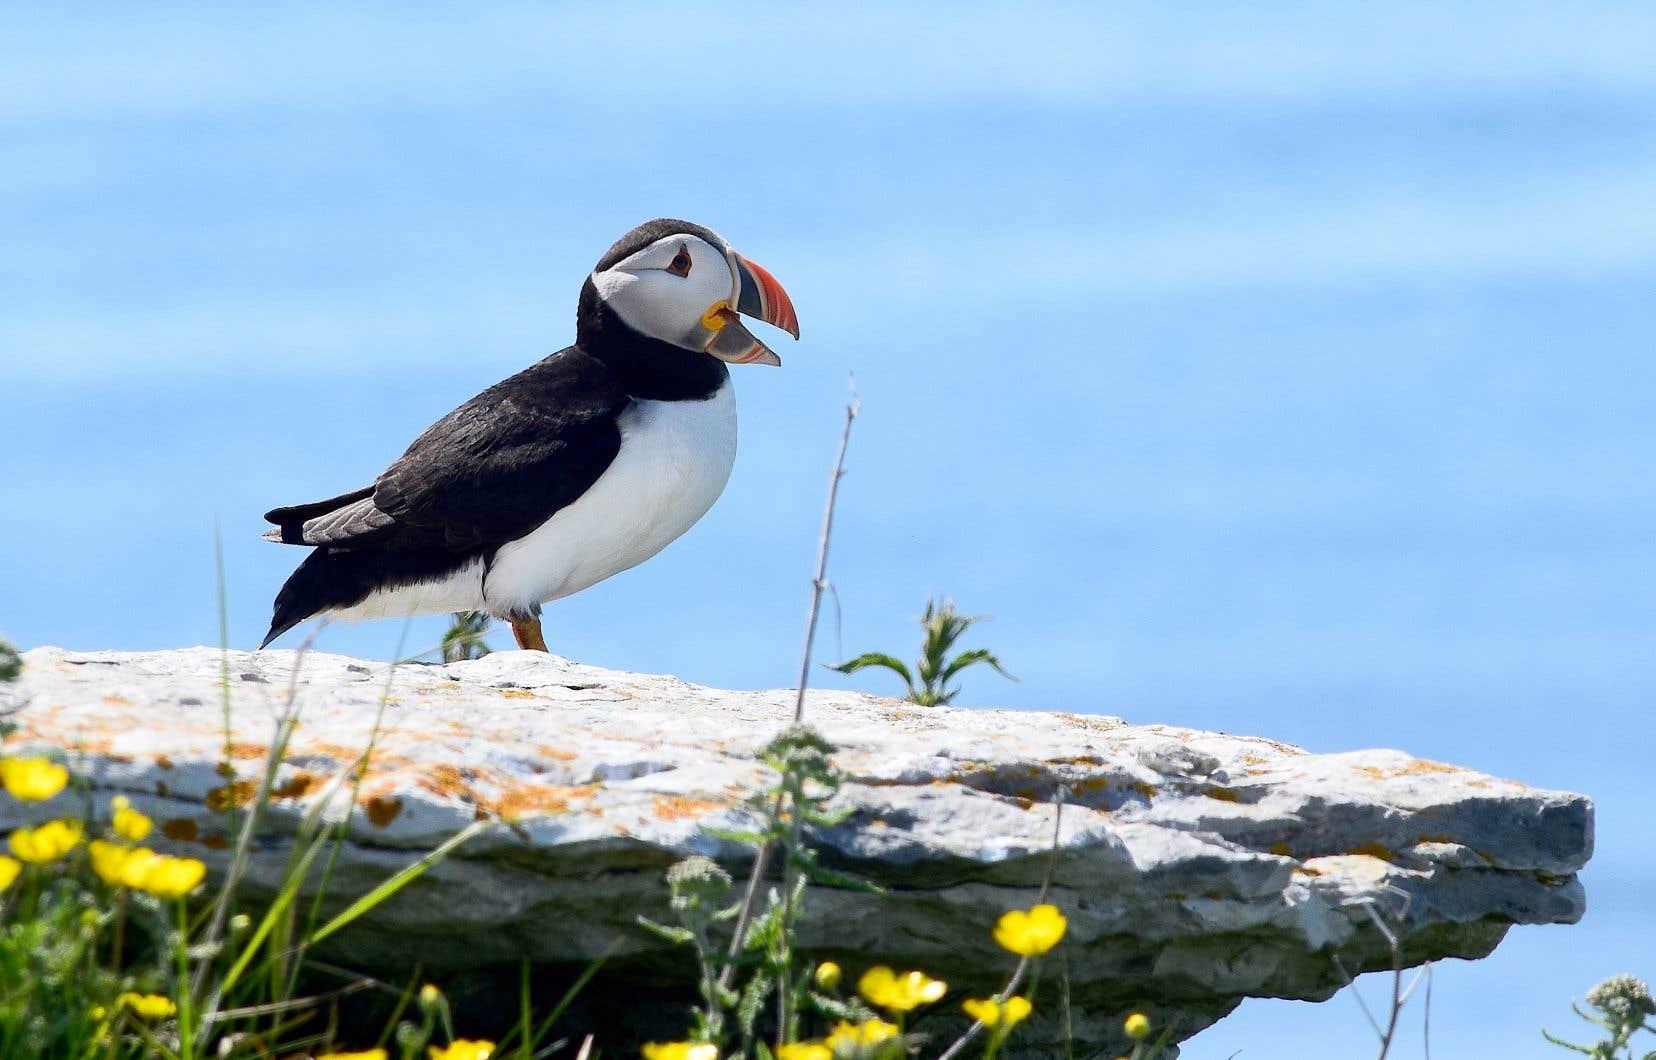 La diminution des stocks de harengs pourrait menacer les populations de macareux moines, un oiseau marin qui niche sur des îles du golfe du Saint-Laurent.